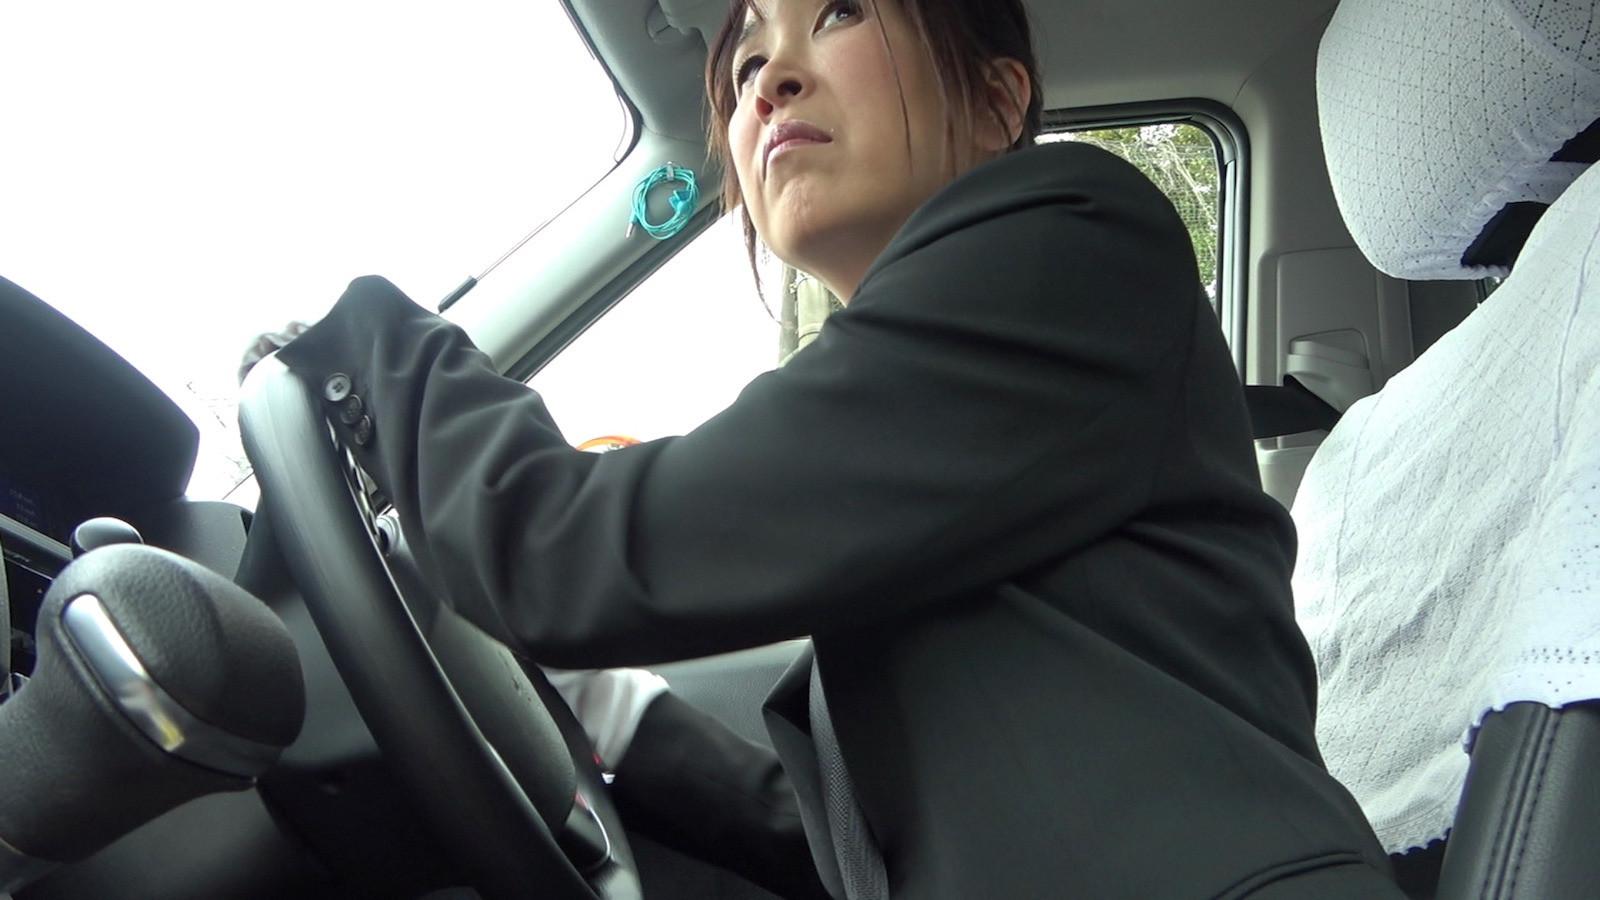 元タクシー女運転手 ~告白実話ドラマ~ 冴木塔子 画像3